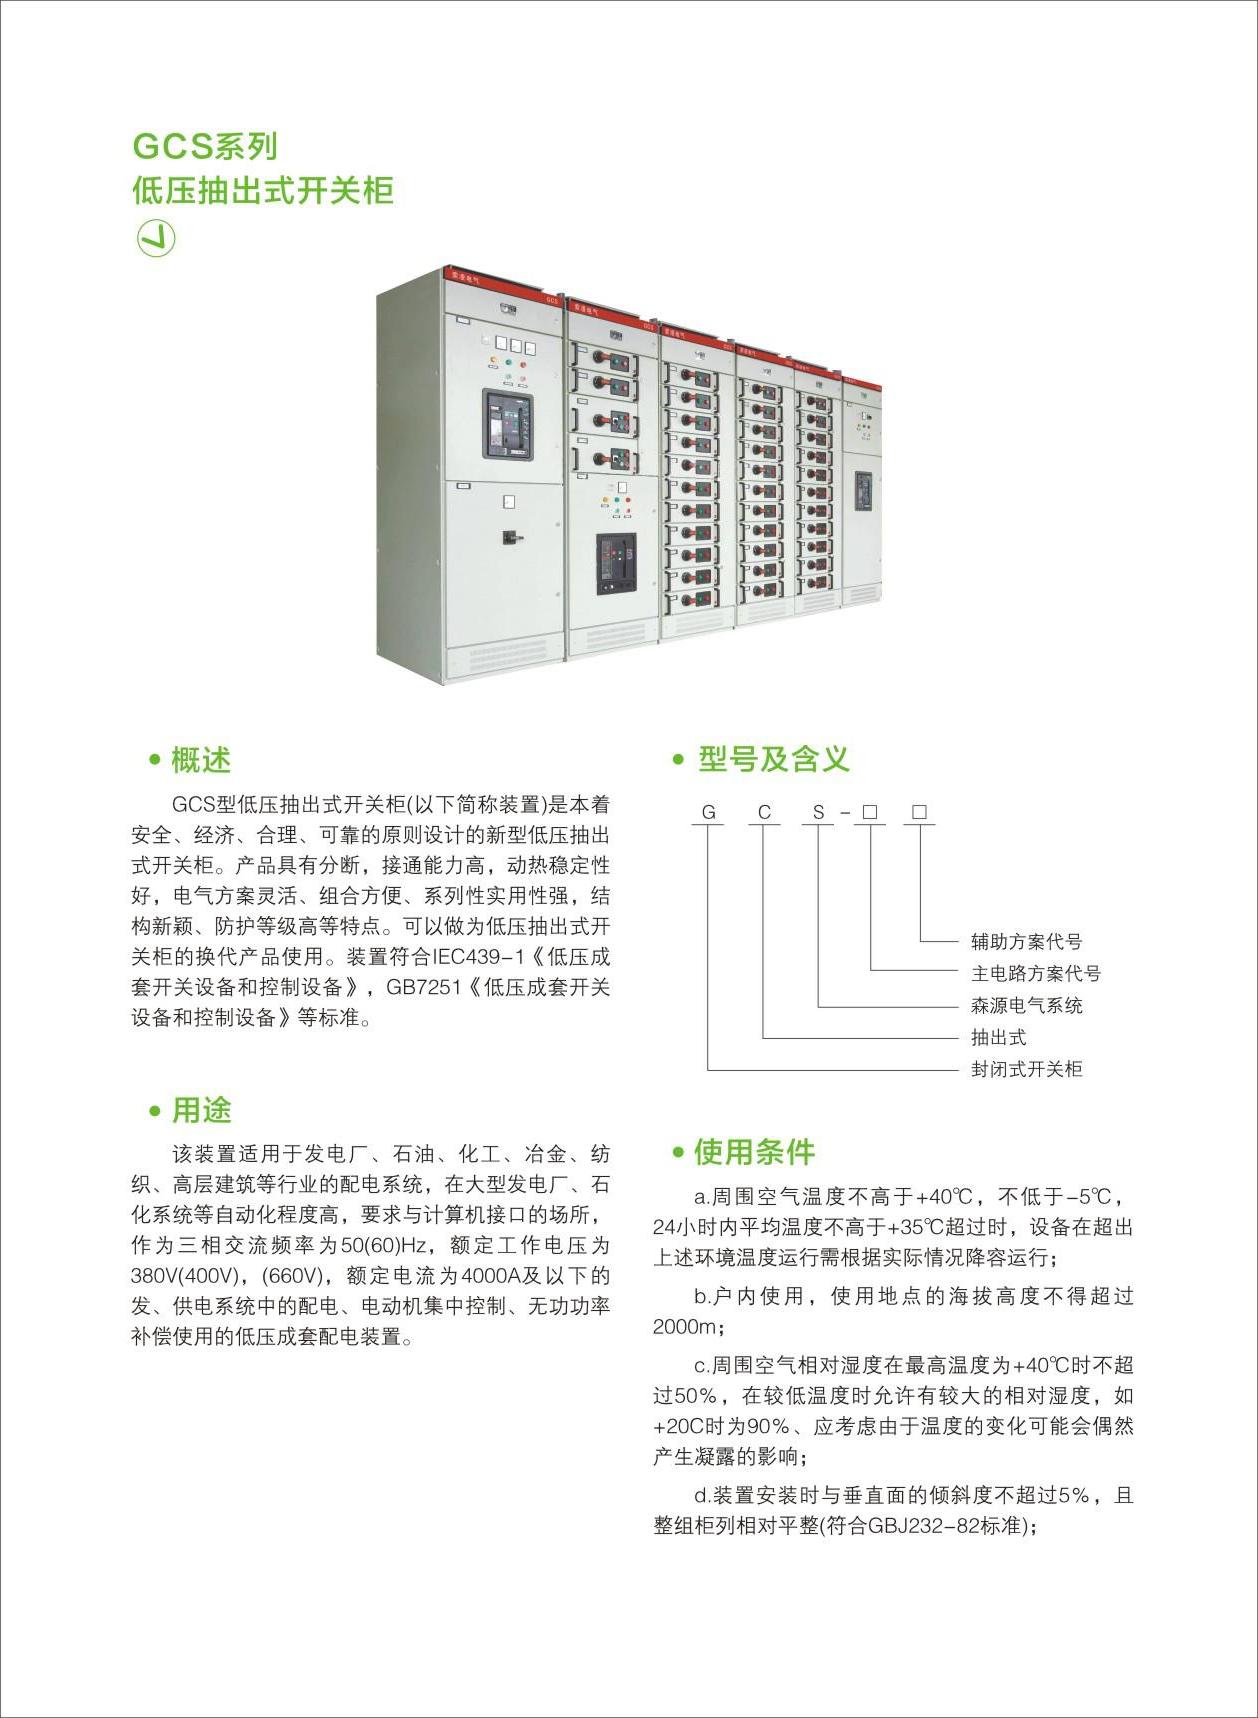 GCS系列低壓抽出式開關柜-01